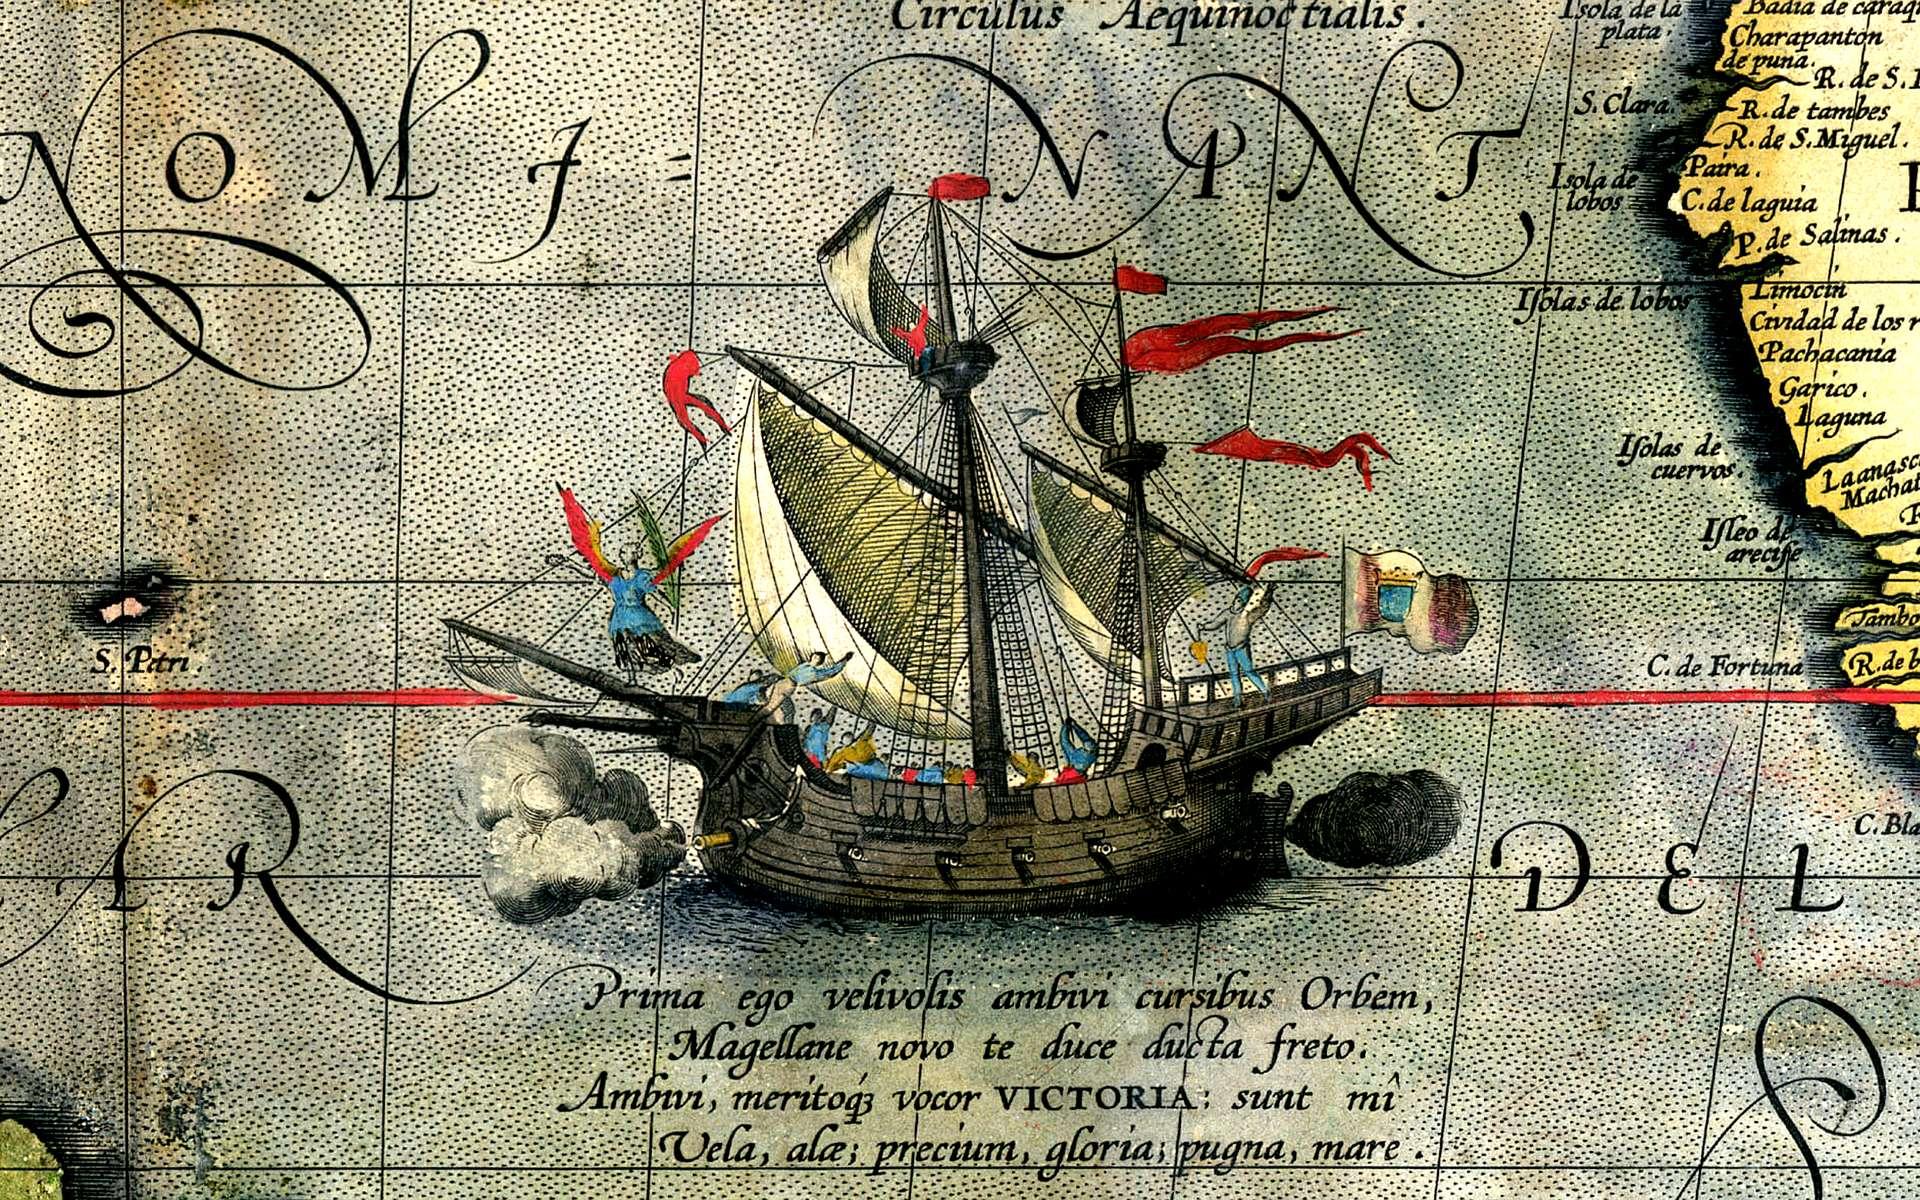 Expédition de Magellan : un dessin de la Victoria datant de 1590. © Ortelius, Wikimedia Commons, Domaine public